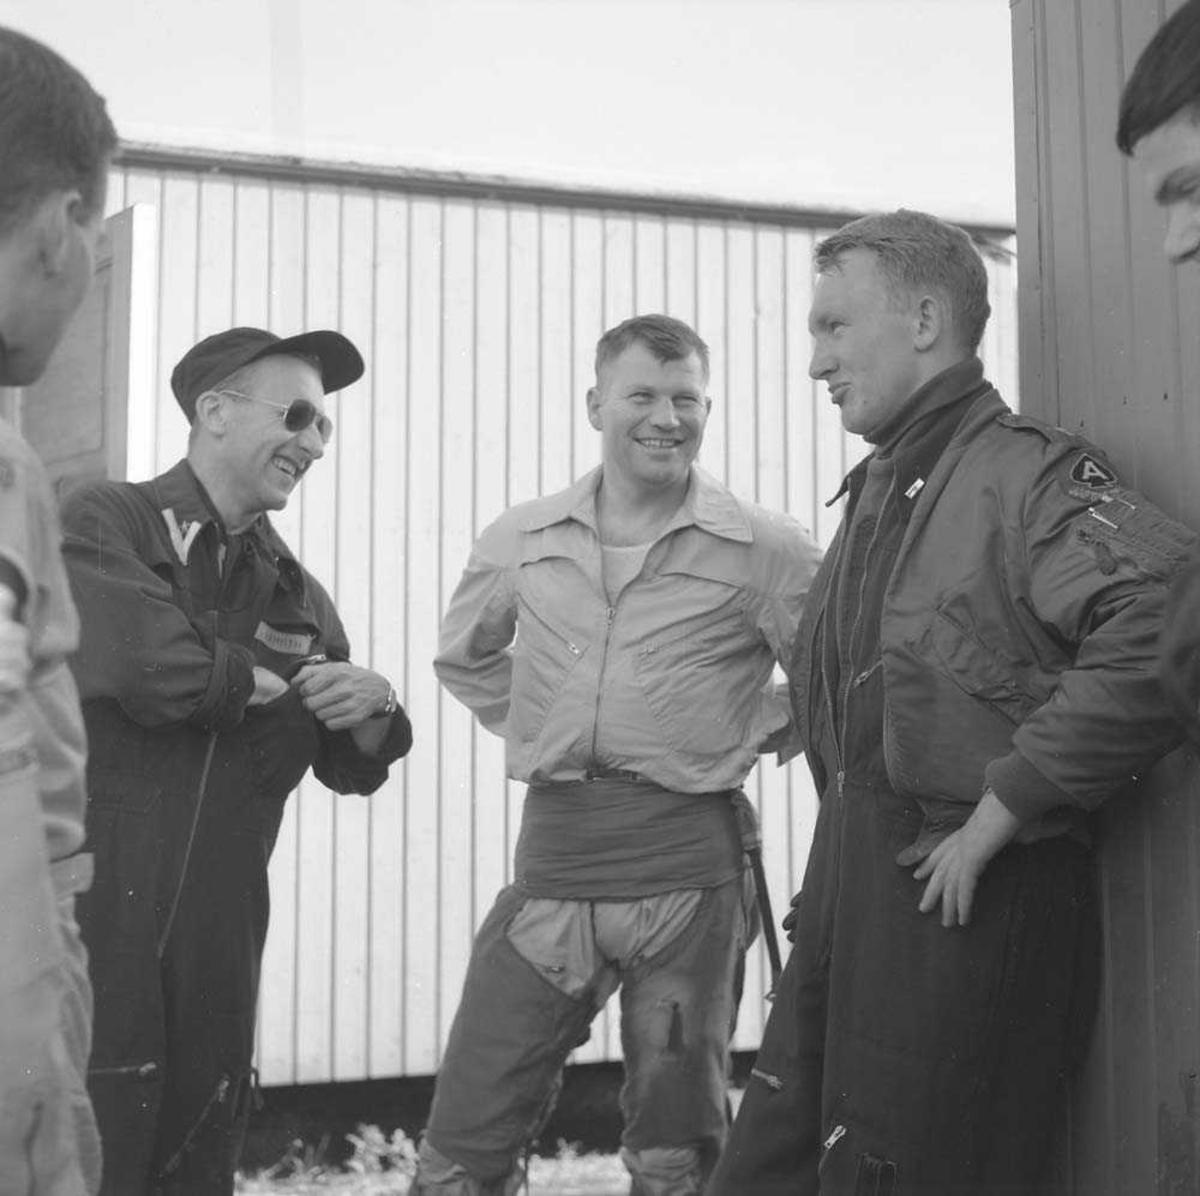 Skvadronsutveksling. 331 skvadron tar imot 53rd Tactical Fighter Squadron, som er ankommet Bodø flystasjon. Normalt varte en skv.utveksling i en uke.